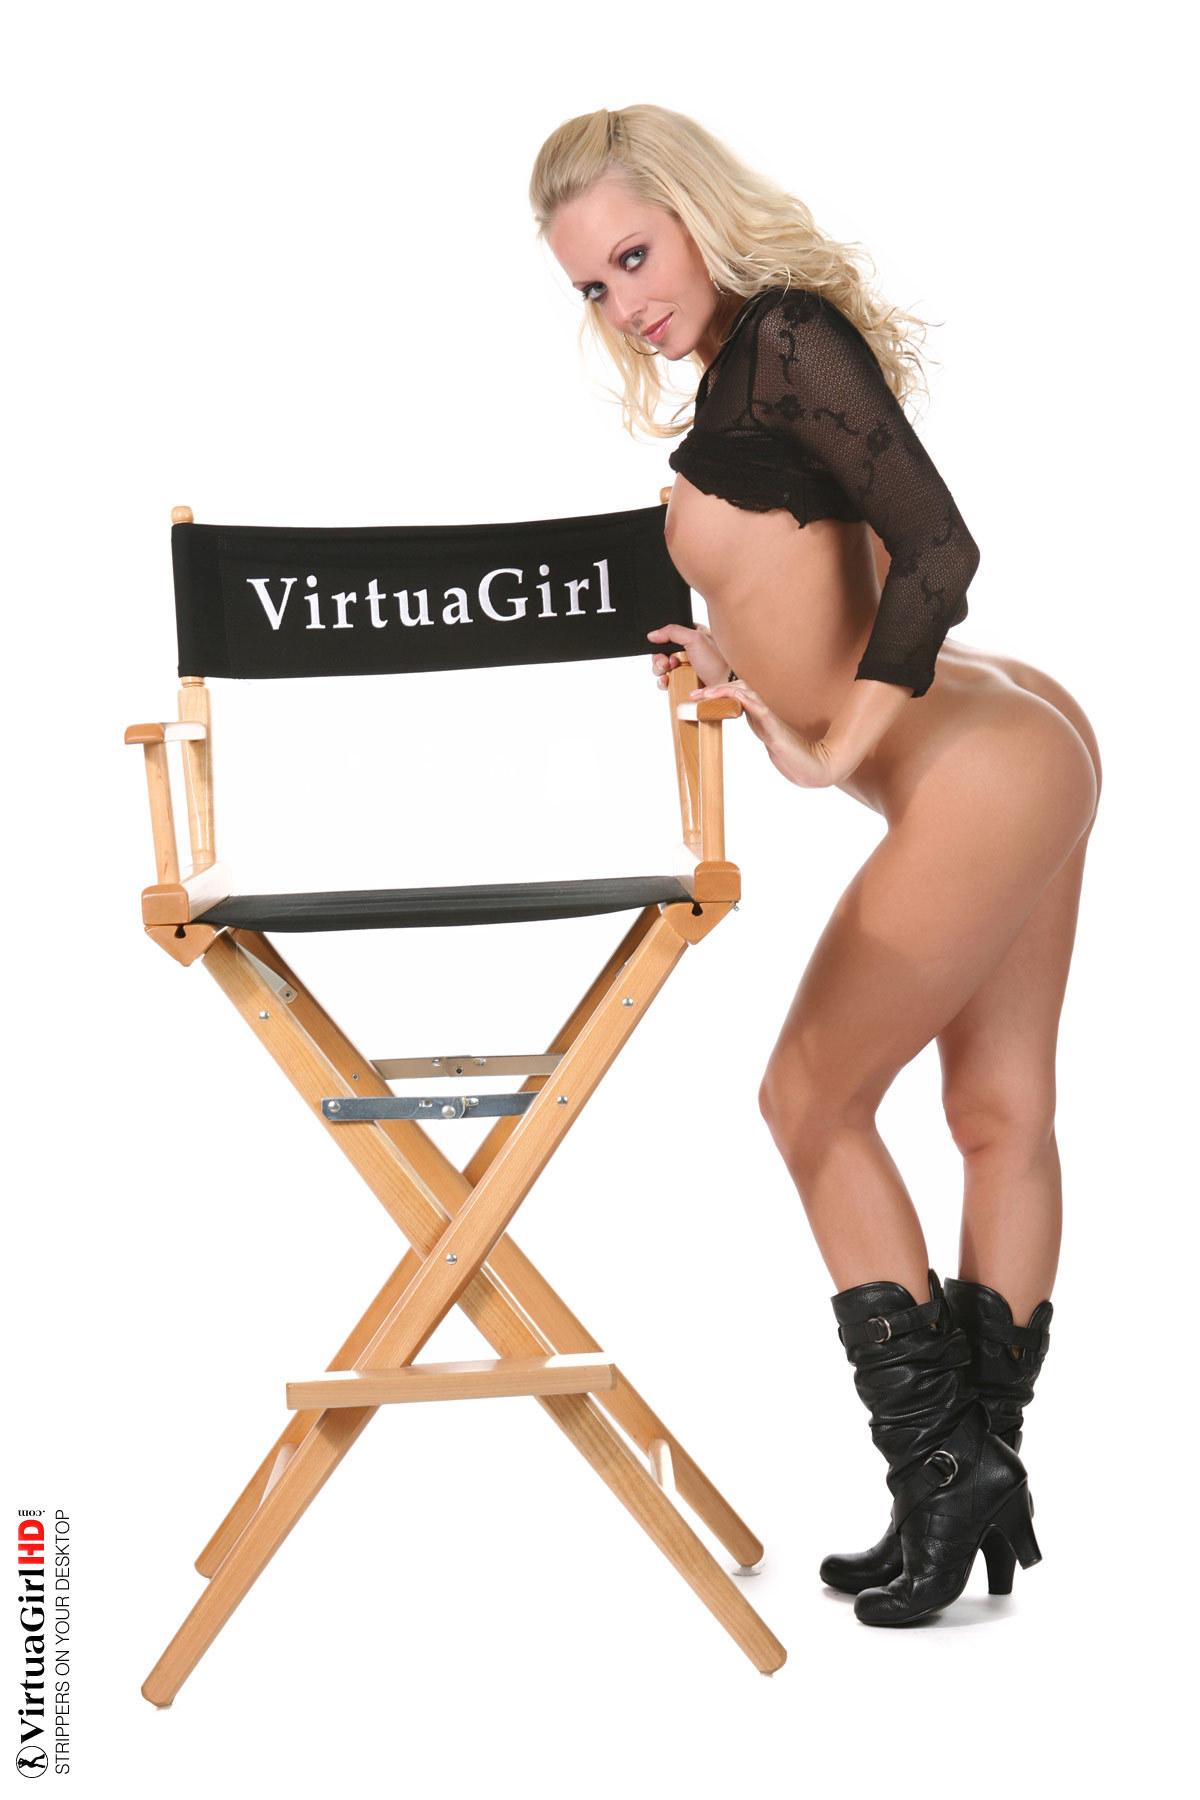 girls stripping naked tumblr